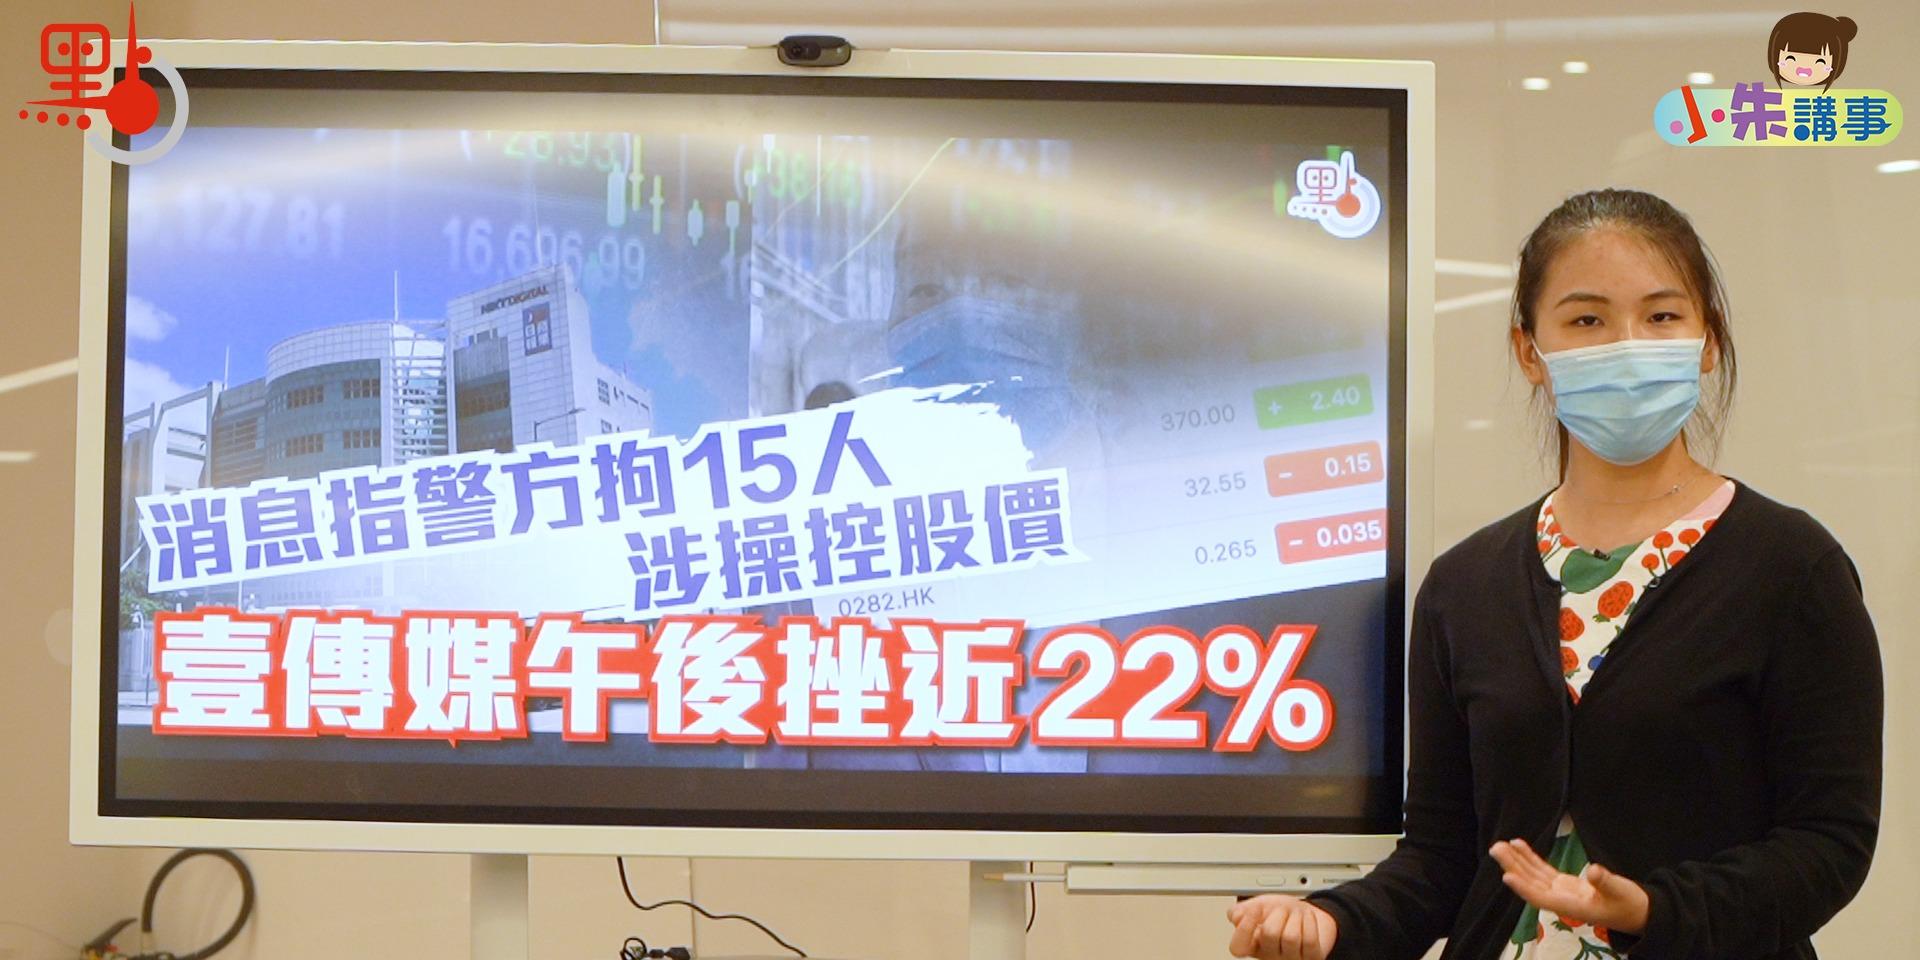 小朱講事 壹傳媒股價異動15人被捕 股價又跌啦傻仔快啲嚟接盤